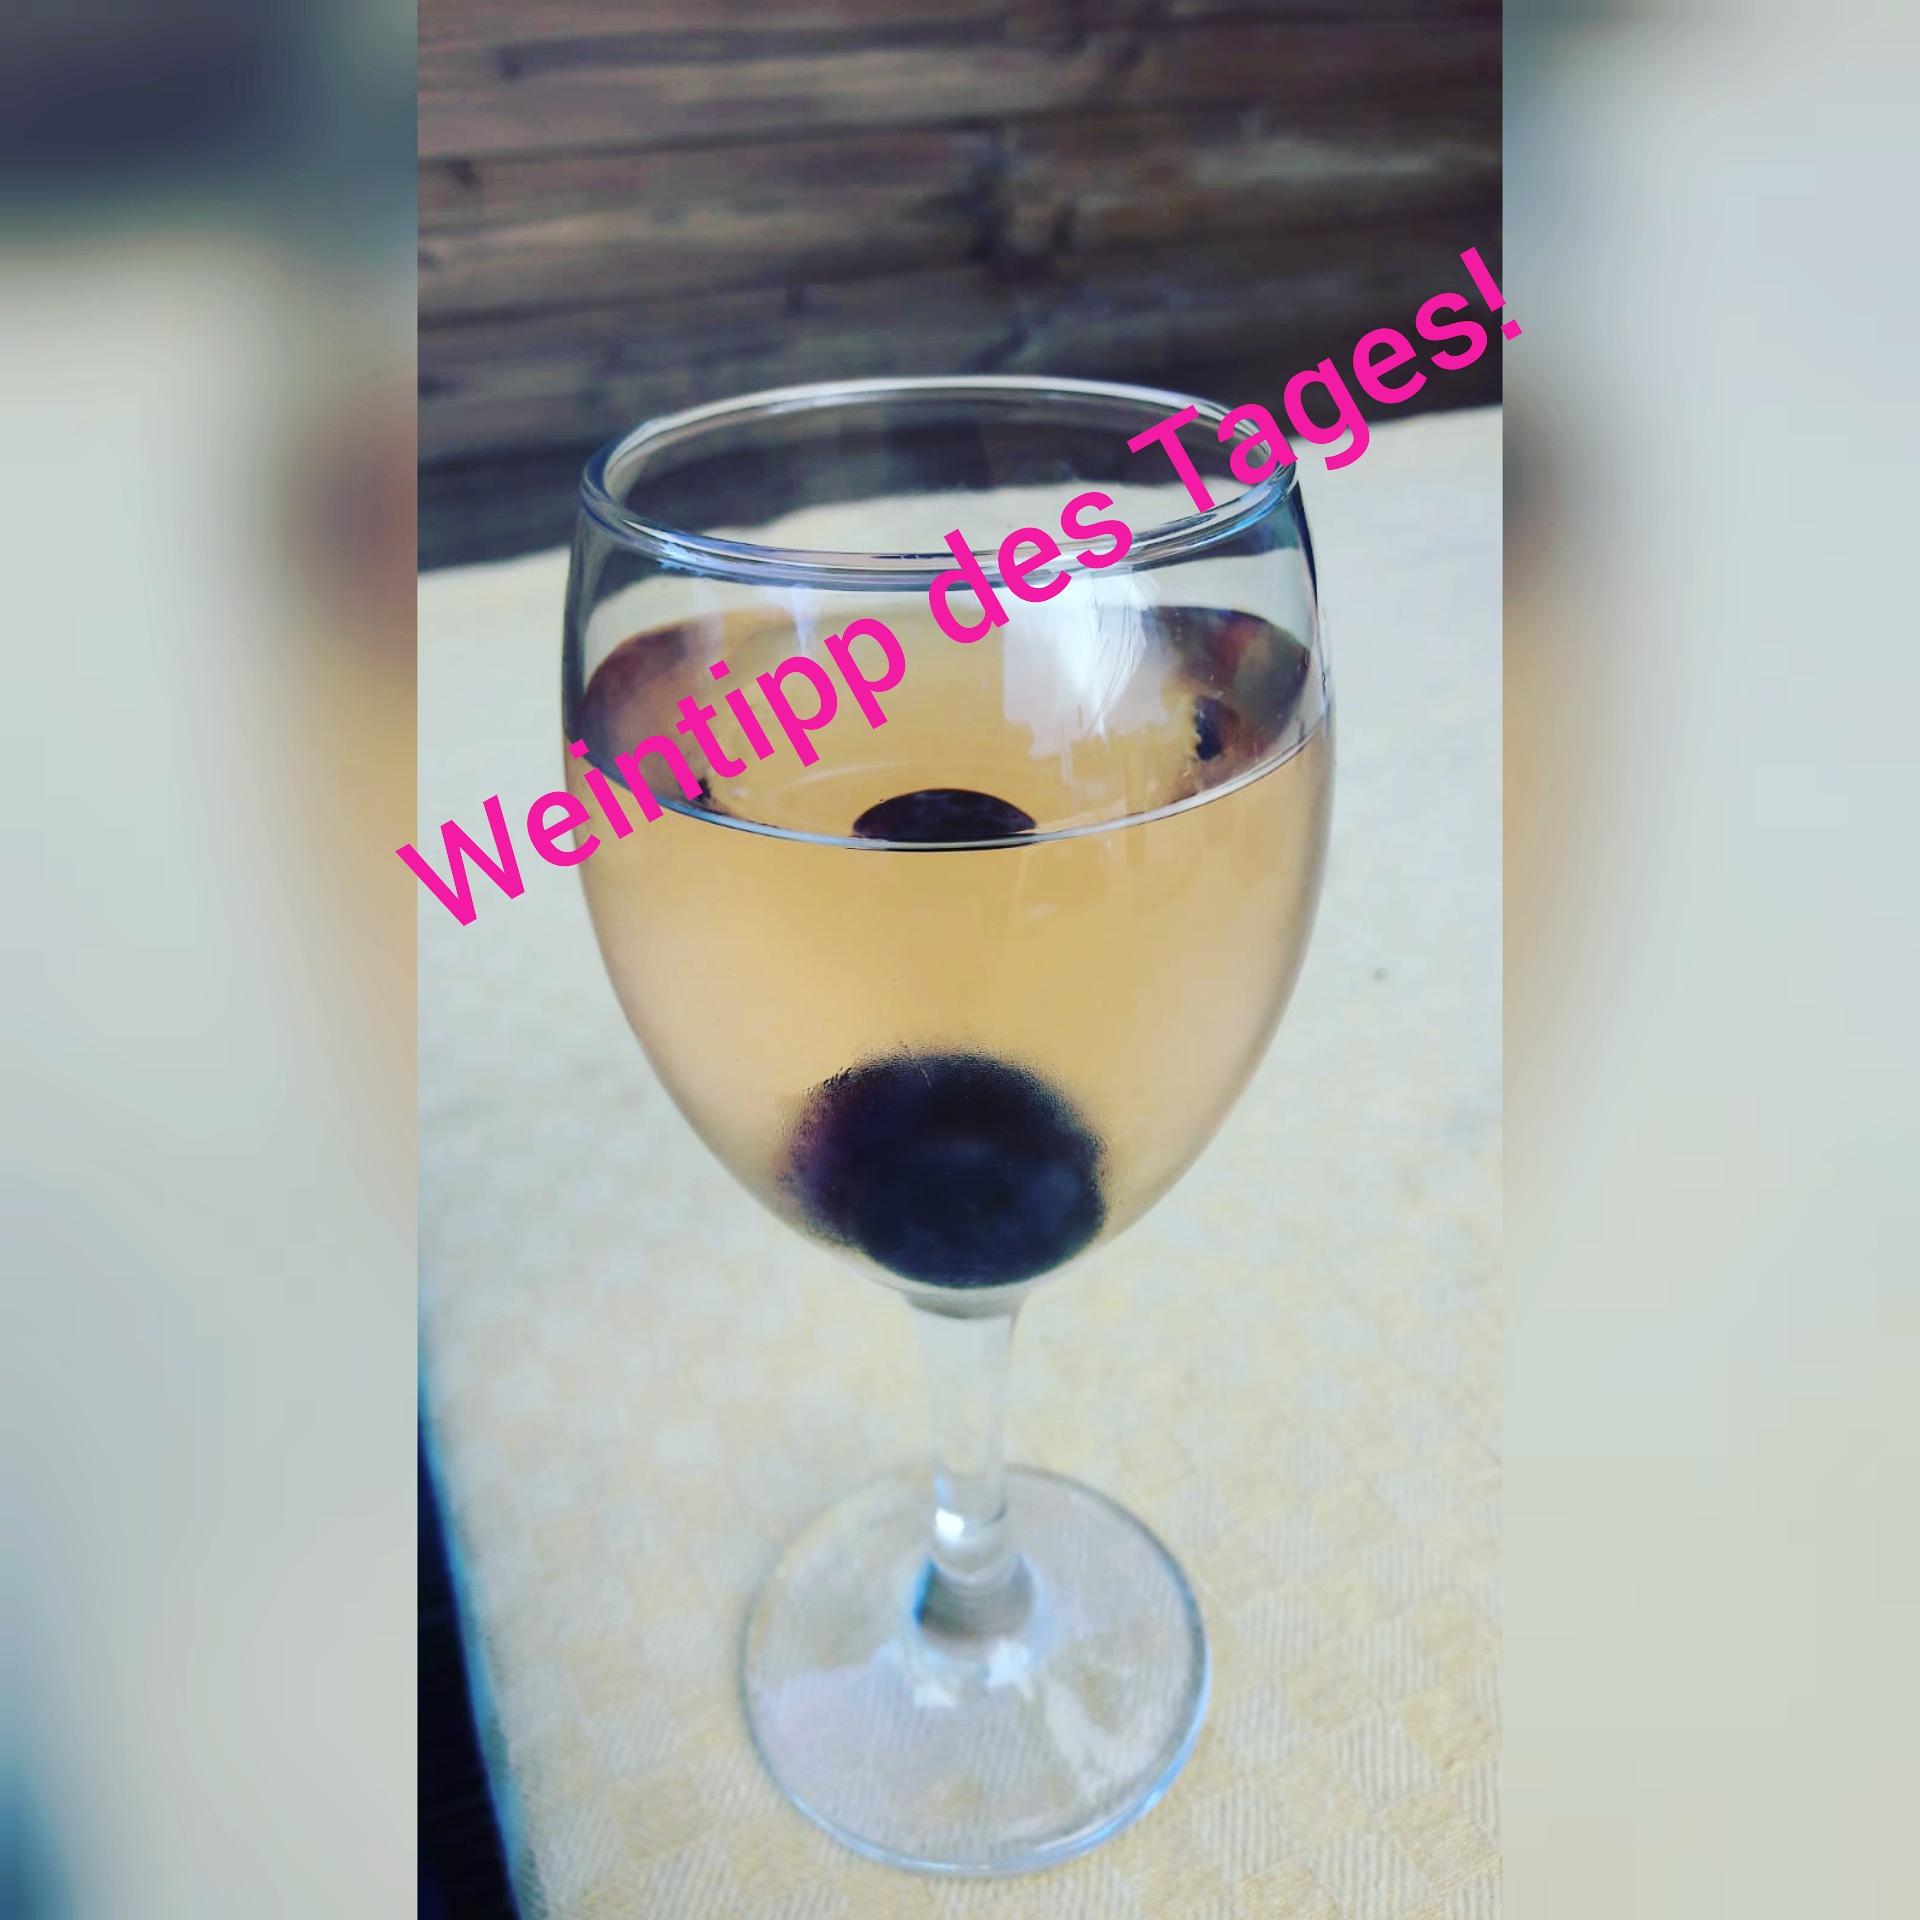 #4 Geschichten aus Bordeaux – Direkt an der (Wein-)Quelle: Sommer-Weintipp für kühlen Wein